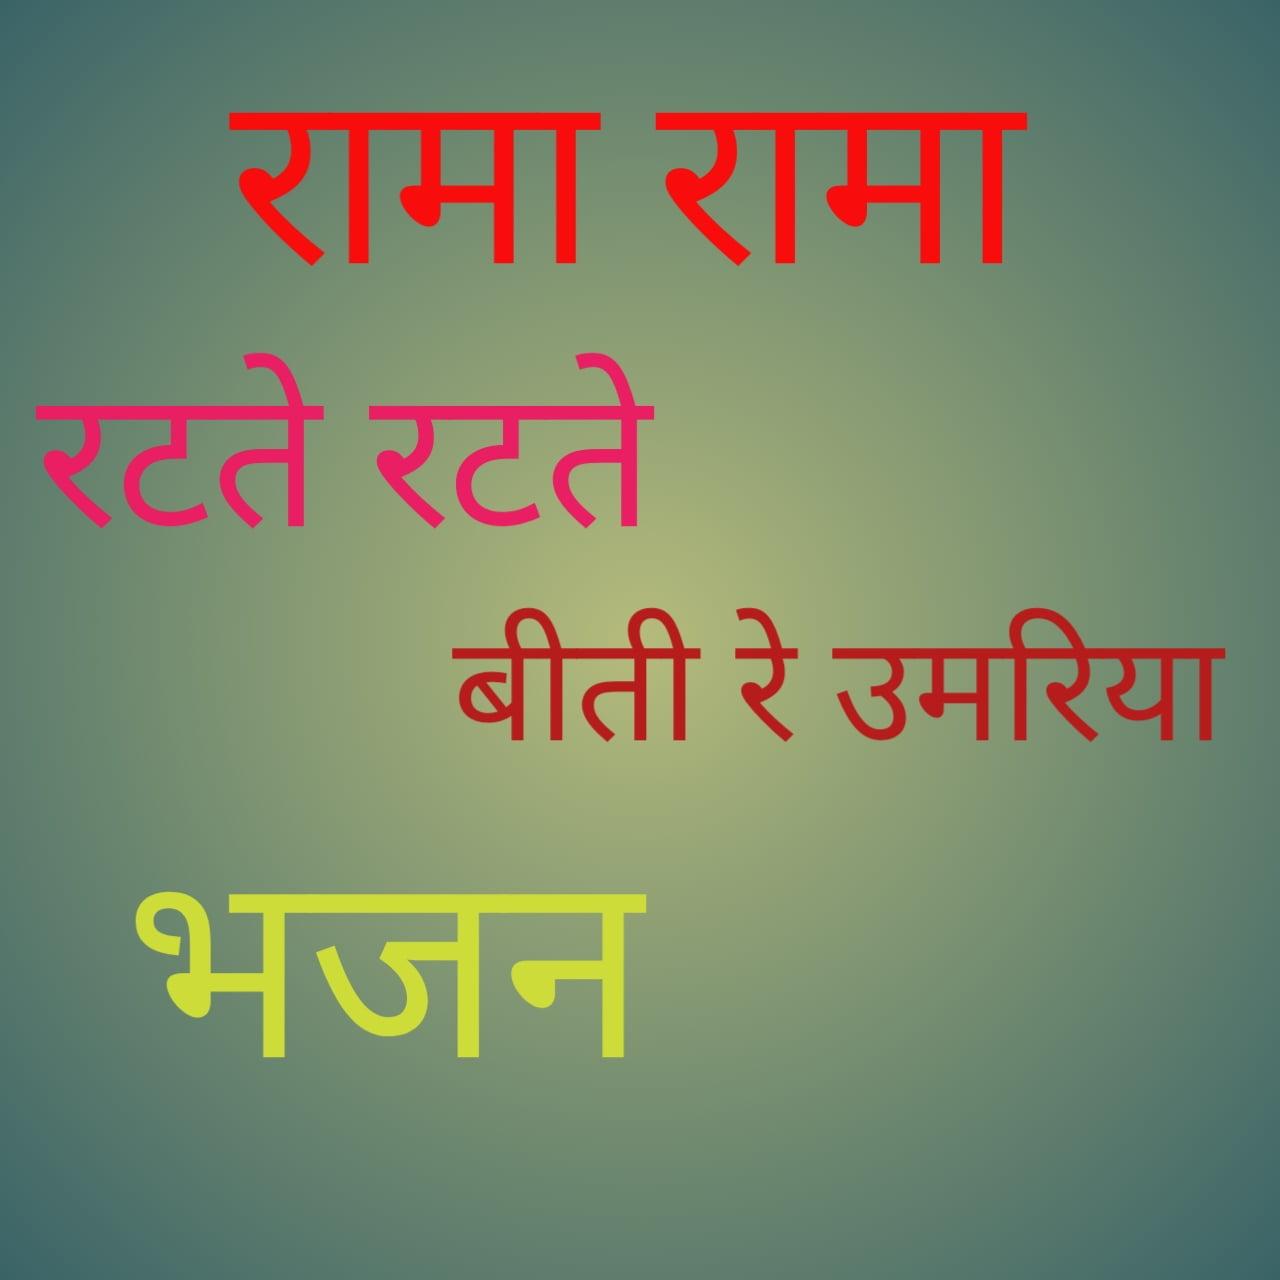 रामा रामा रटते रटते लिरिक्स- भजन मैथिली ठाकुर